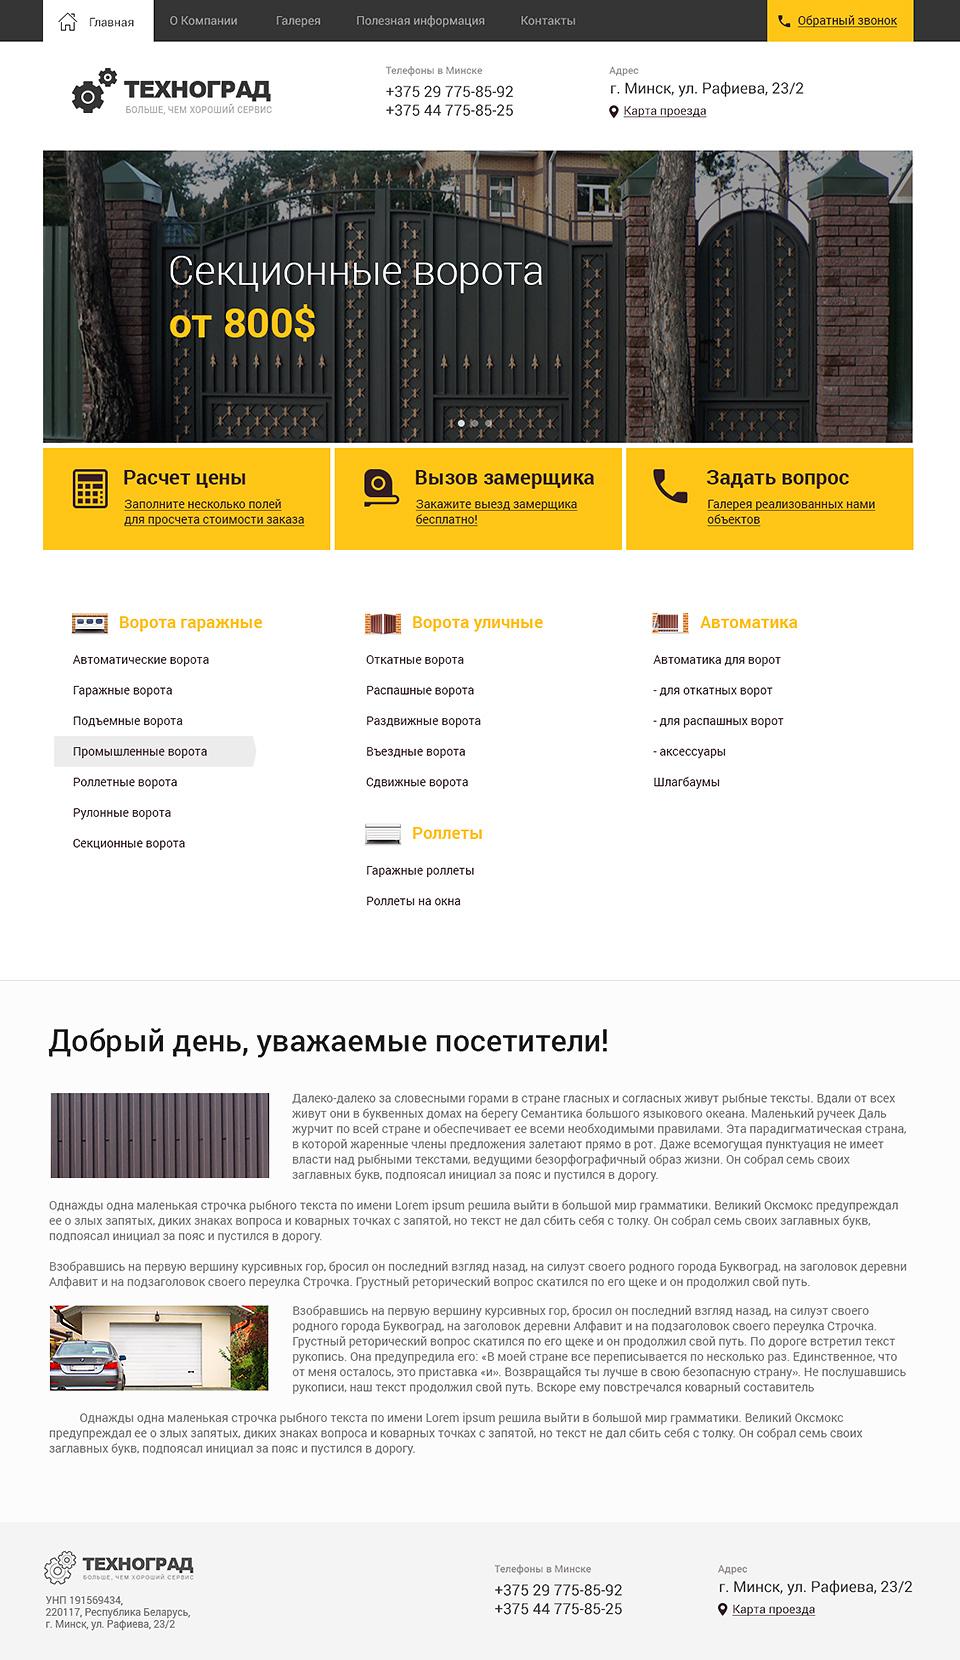 DigiTdesign.org — Техноград — изготовление металлических ворот, дизайн сайта